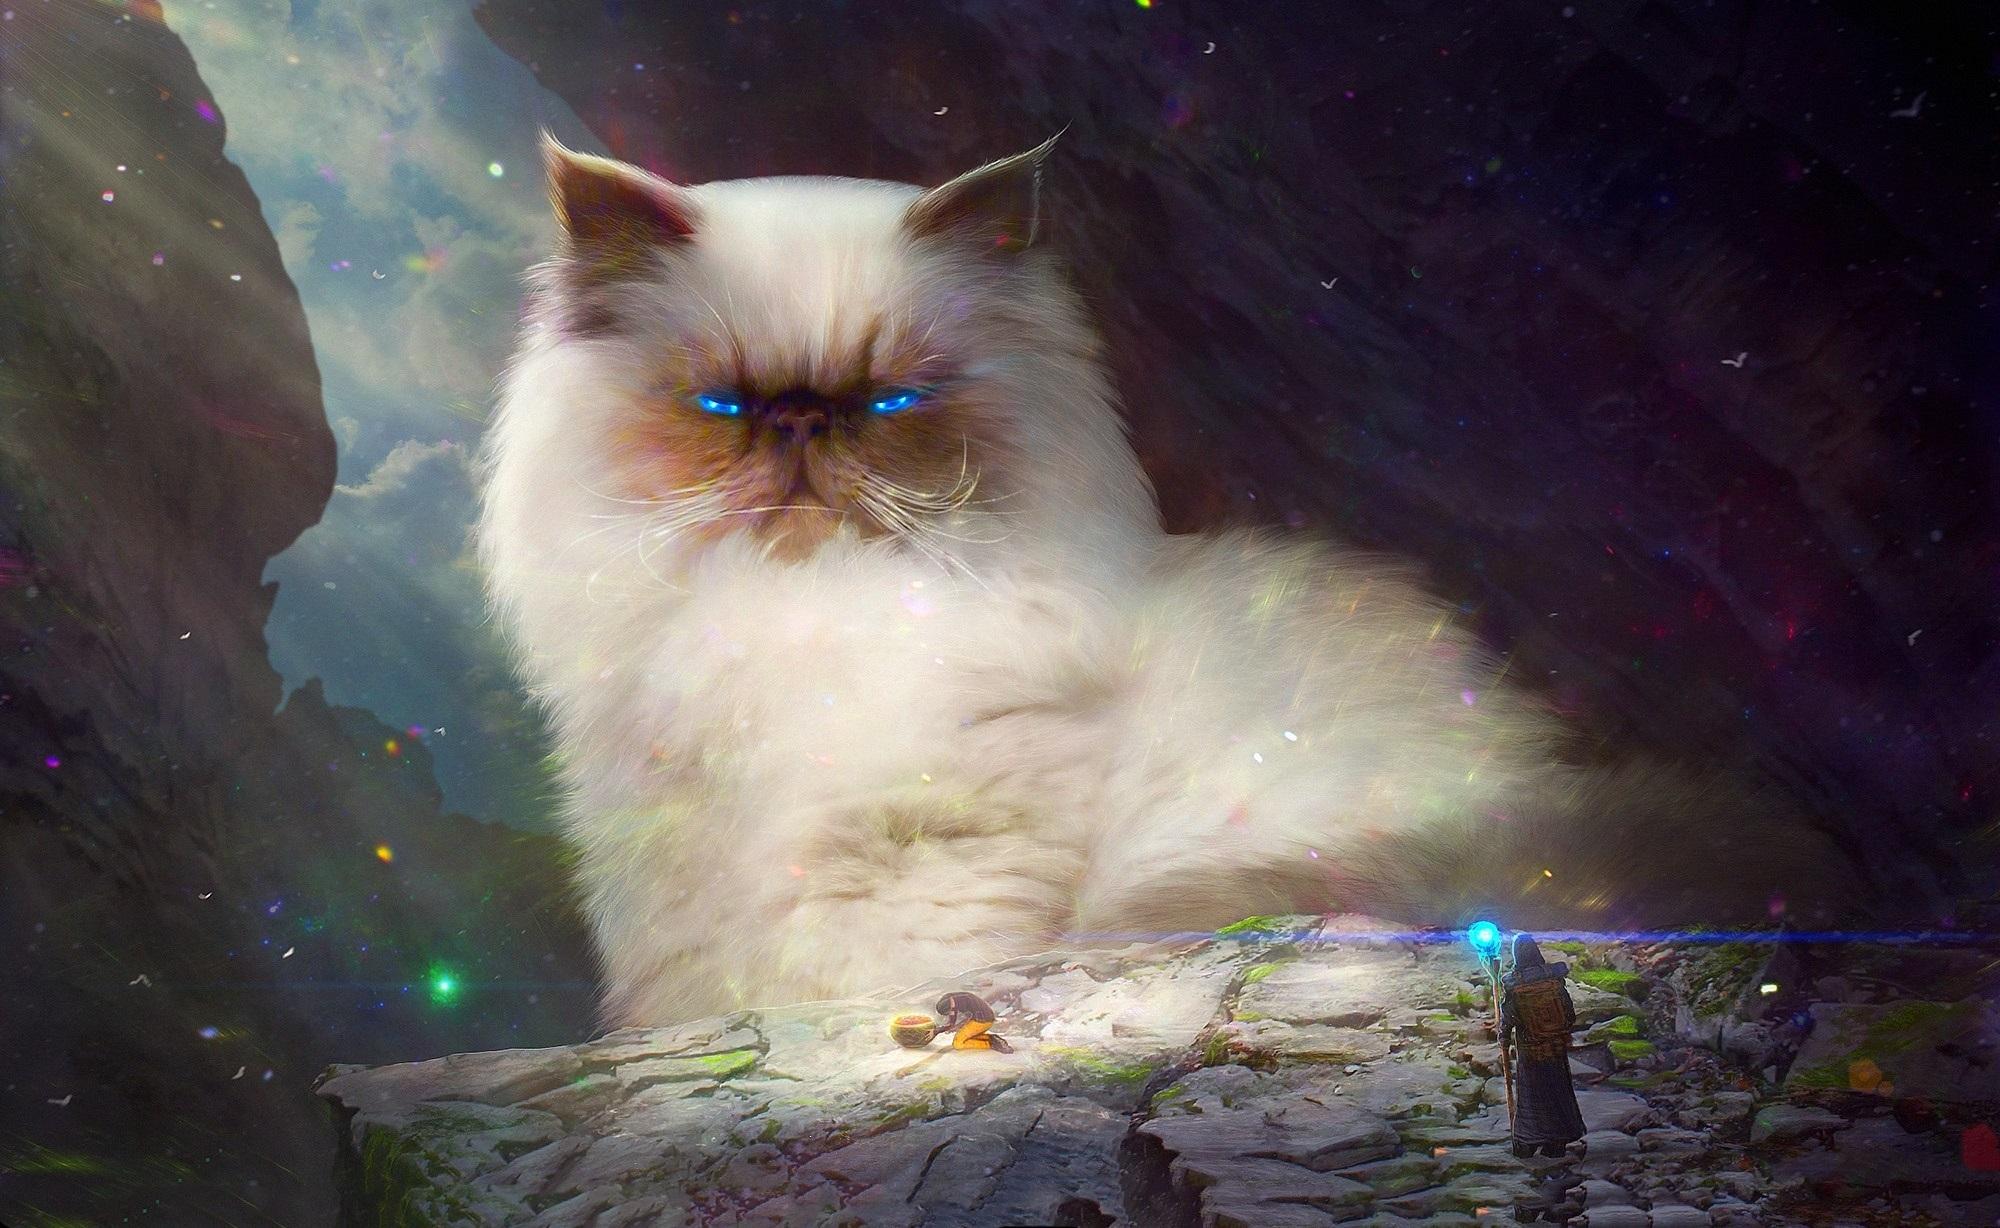 влад красивые картинки котов фэнтези участка